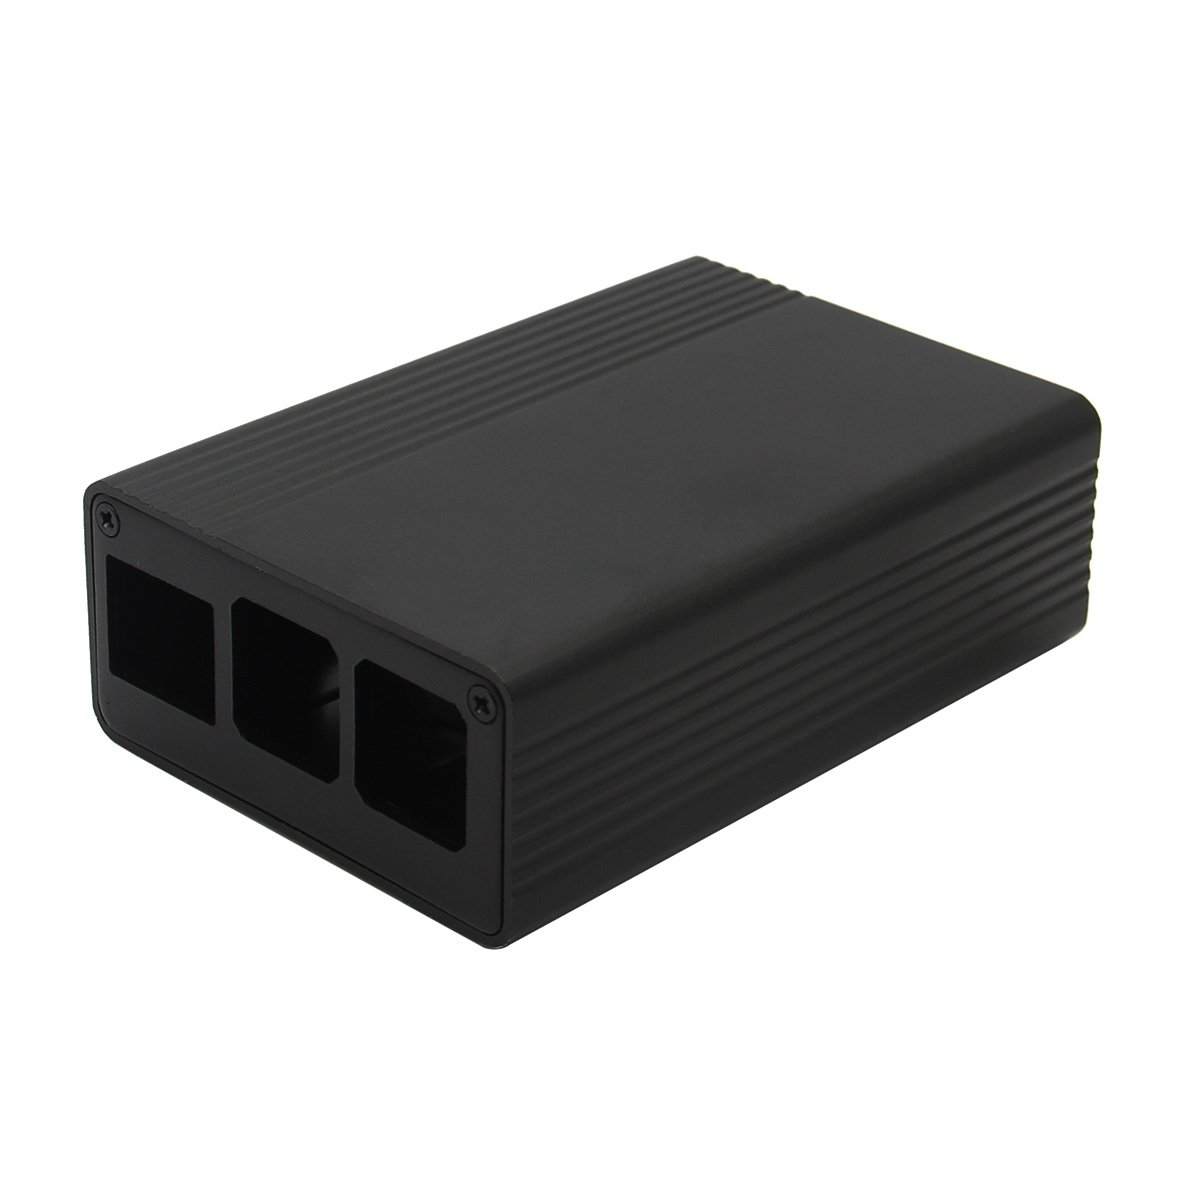 OLSUS Aluminum Alloy Case with Light Pipe for Raspberry Pi 3 Model B